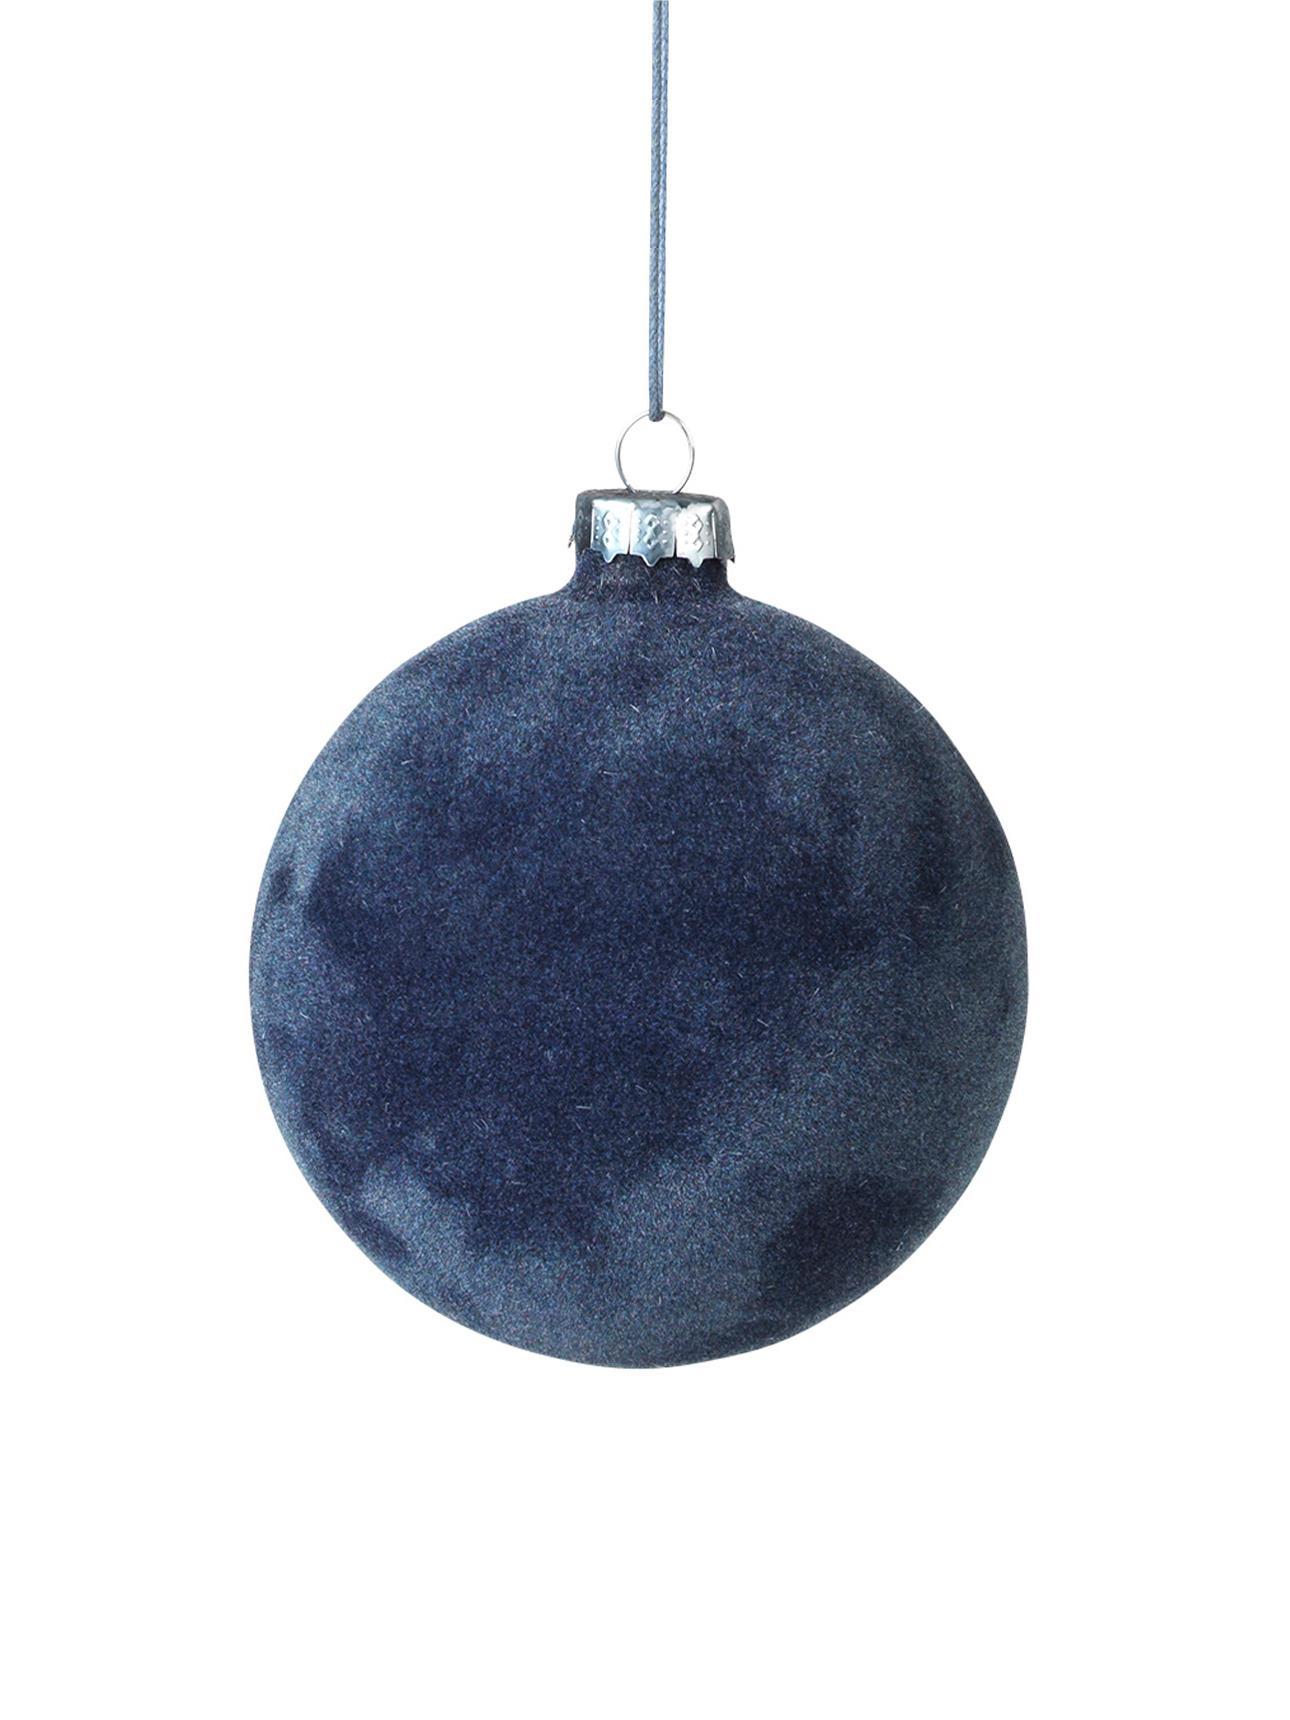 Pallina di Natale Alcan Ø 10 cm, 3 pz, Vetro, velluto di poliestere, Blu scuro, Ø 10 cm